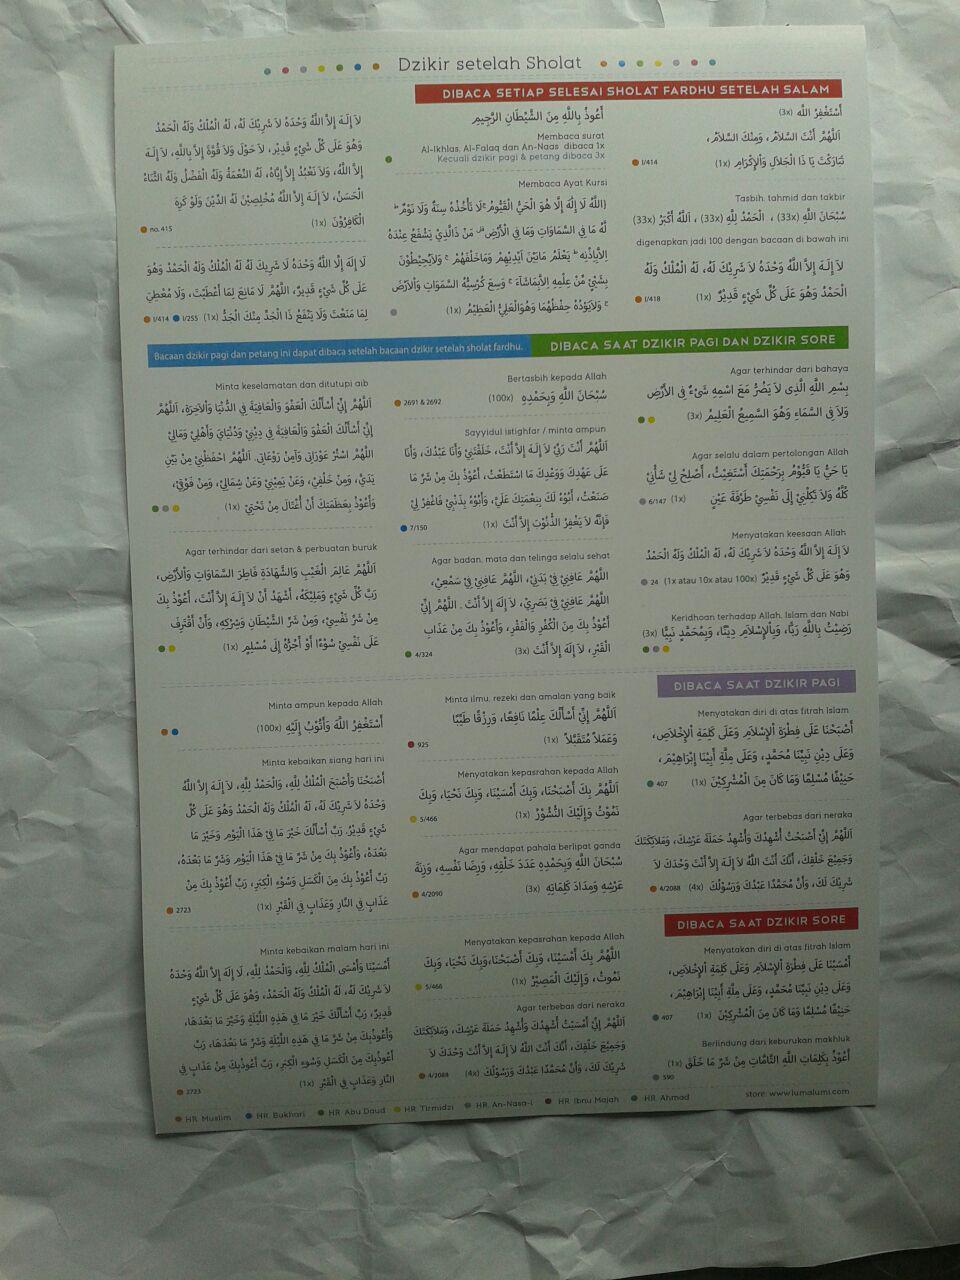 Poster Dzikir Setelah Sholat 12,000 10% 10,800 Luma Lumi 2